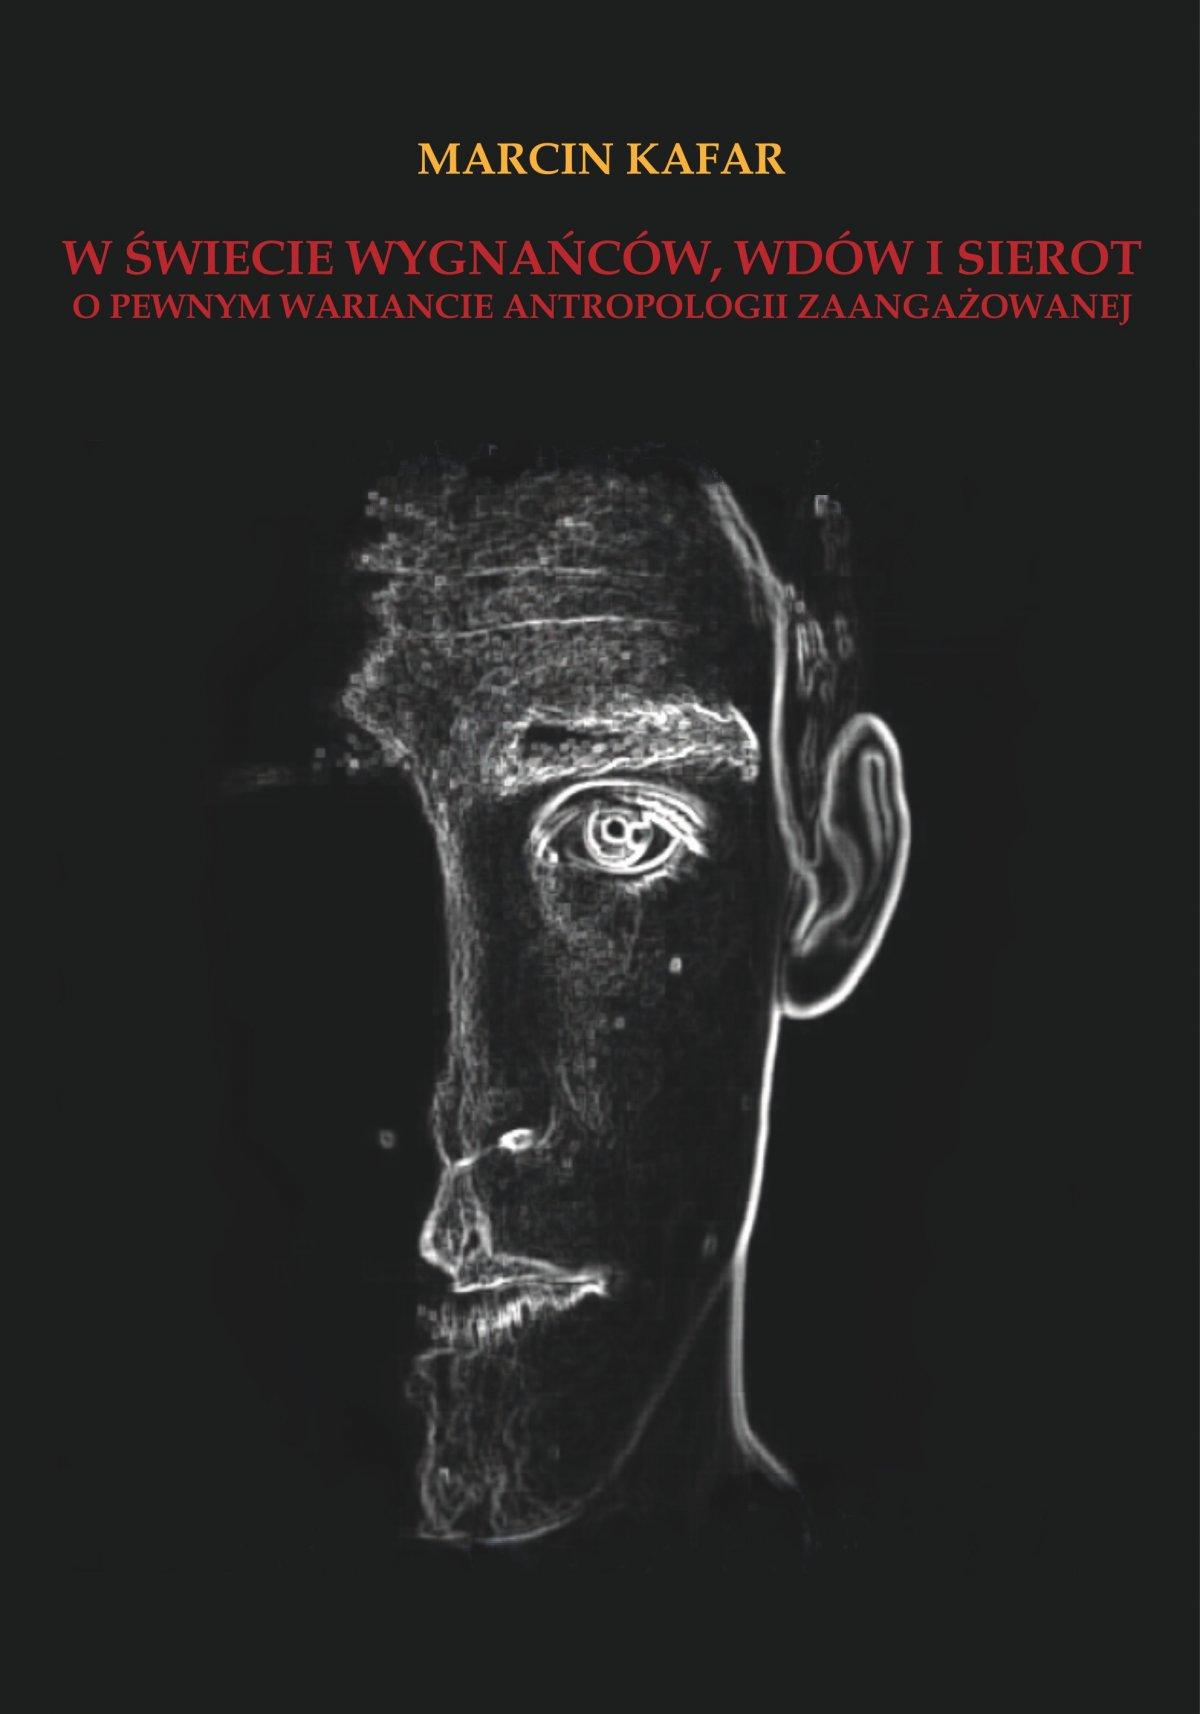 W świecie wygnańców, wdów i sierot. O pewnym wariancie antropologii zaangażowanej - Ebook (Książka PDF) do pobrania w formacie PDF